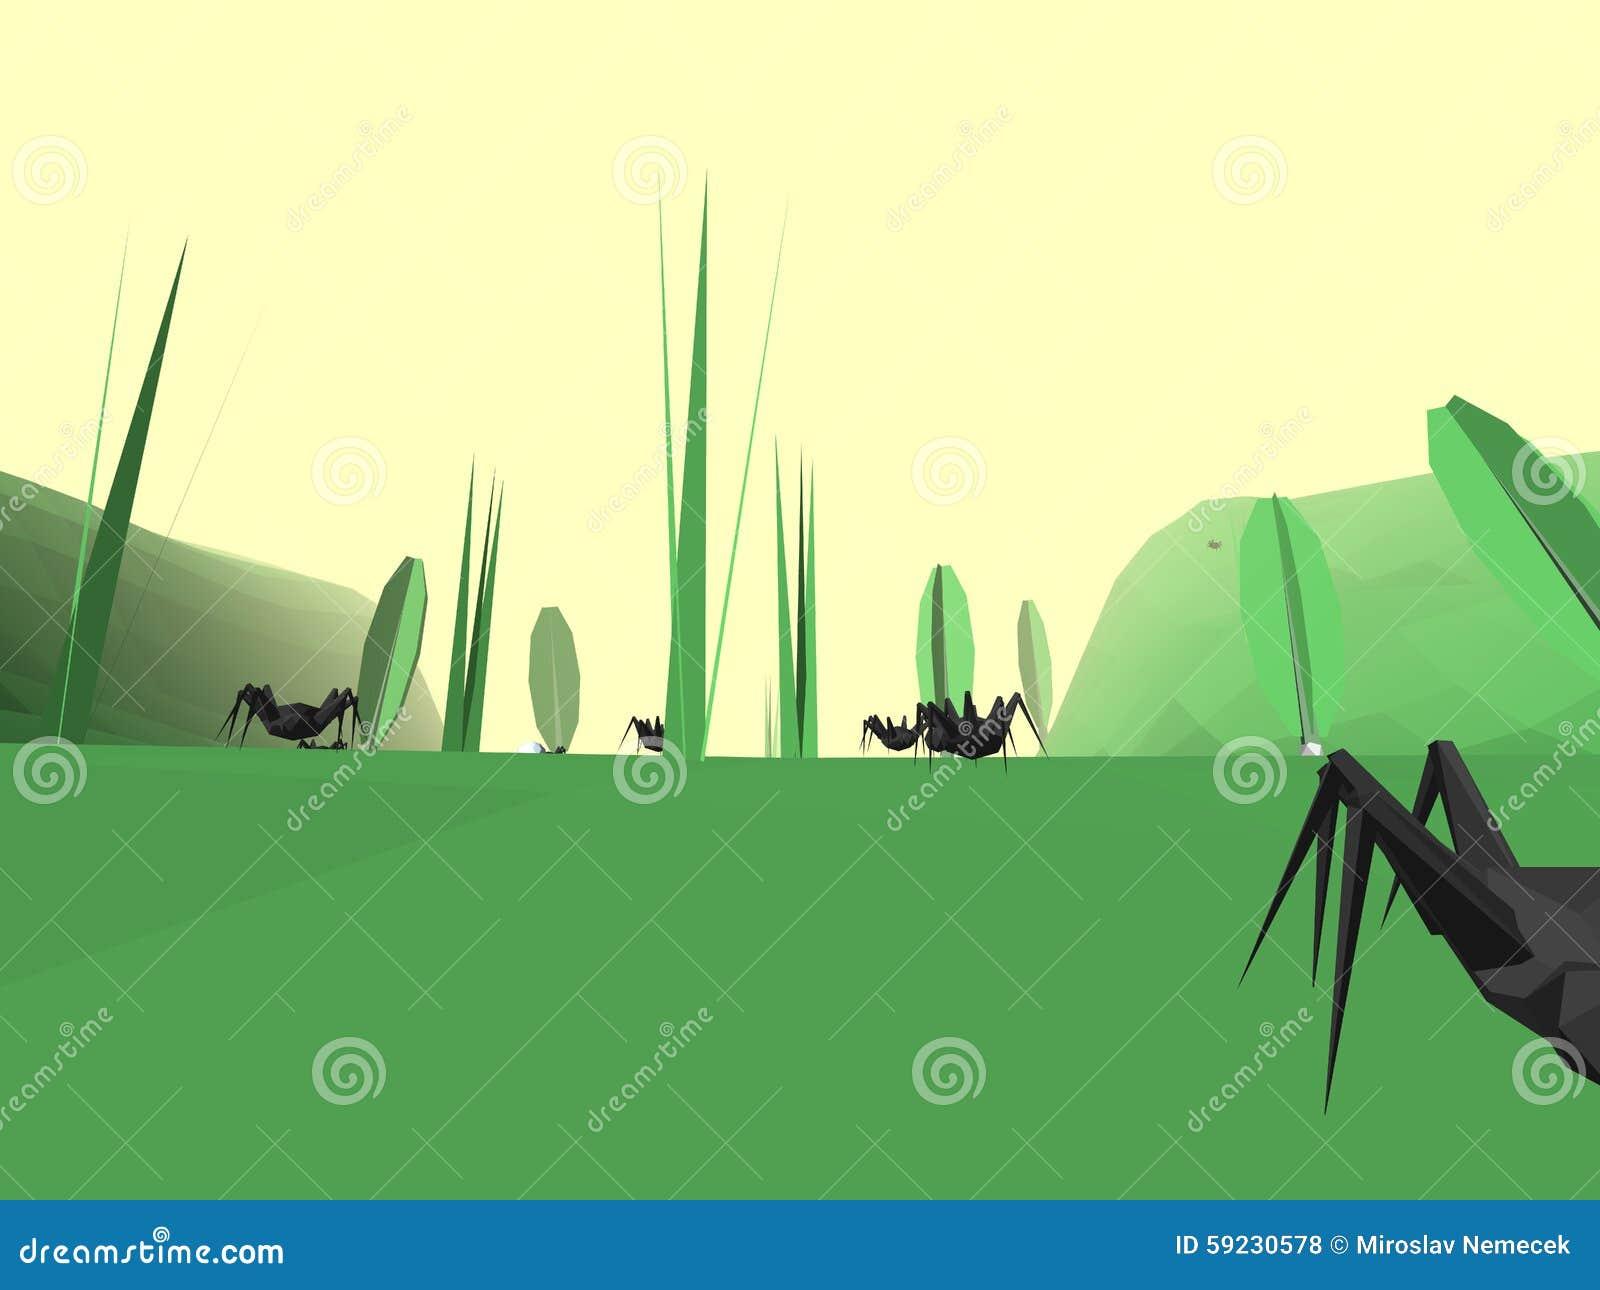 Download Mundo Retro Polivinílico Bajo Del Insecto Del Estilo Stock de ilustración - Ilustración de gráficos, plantas: 59230578